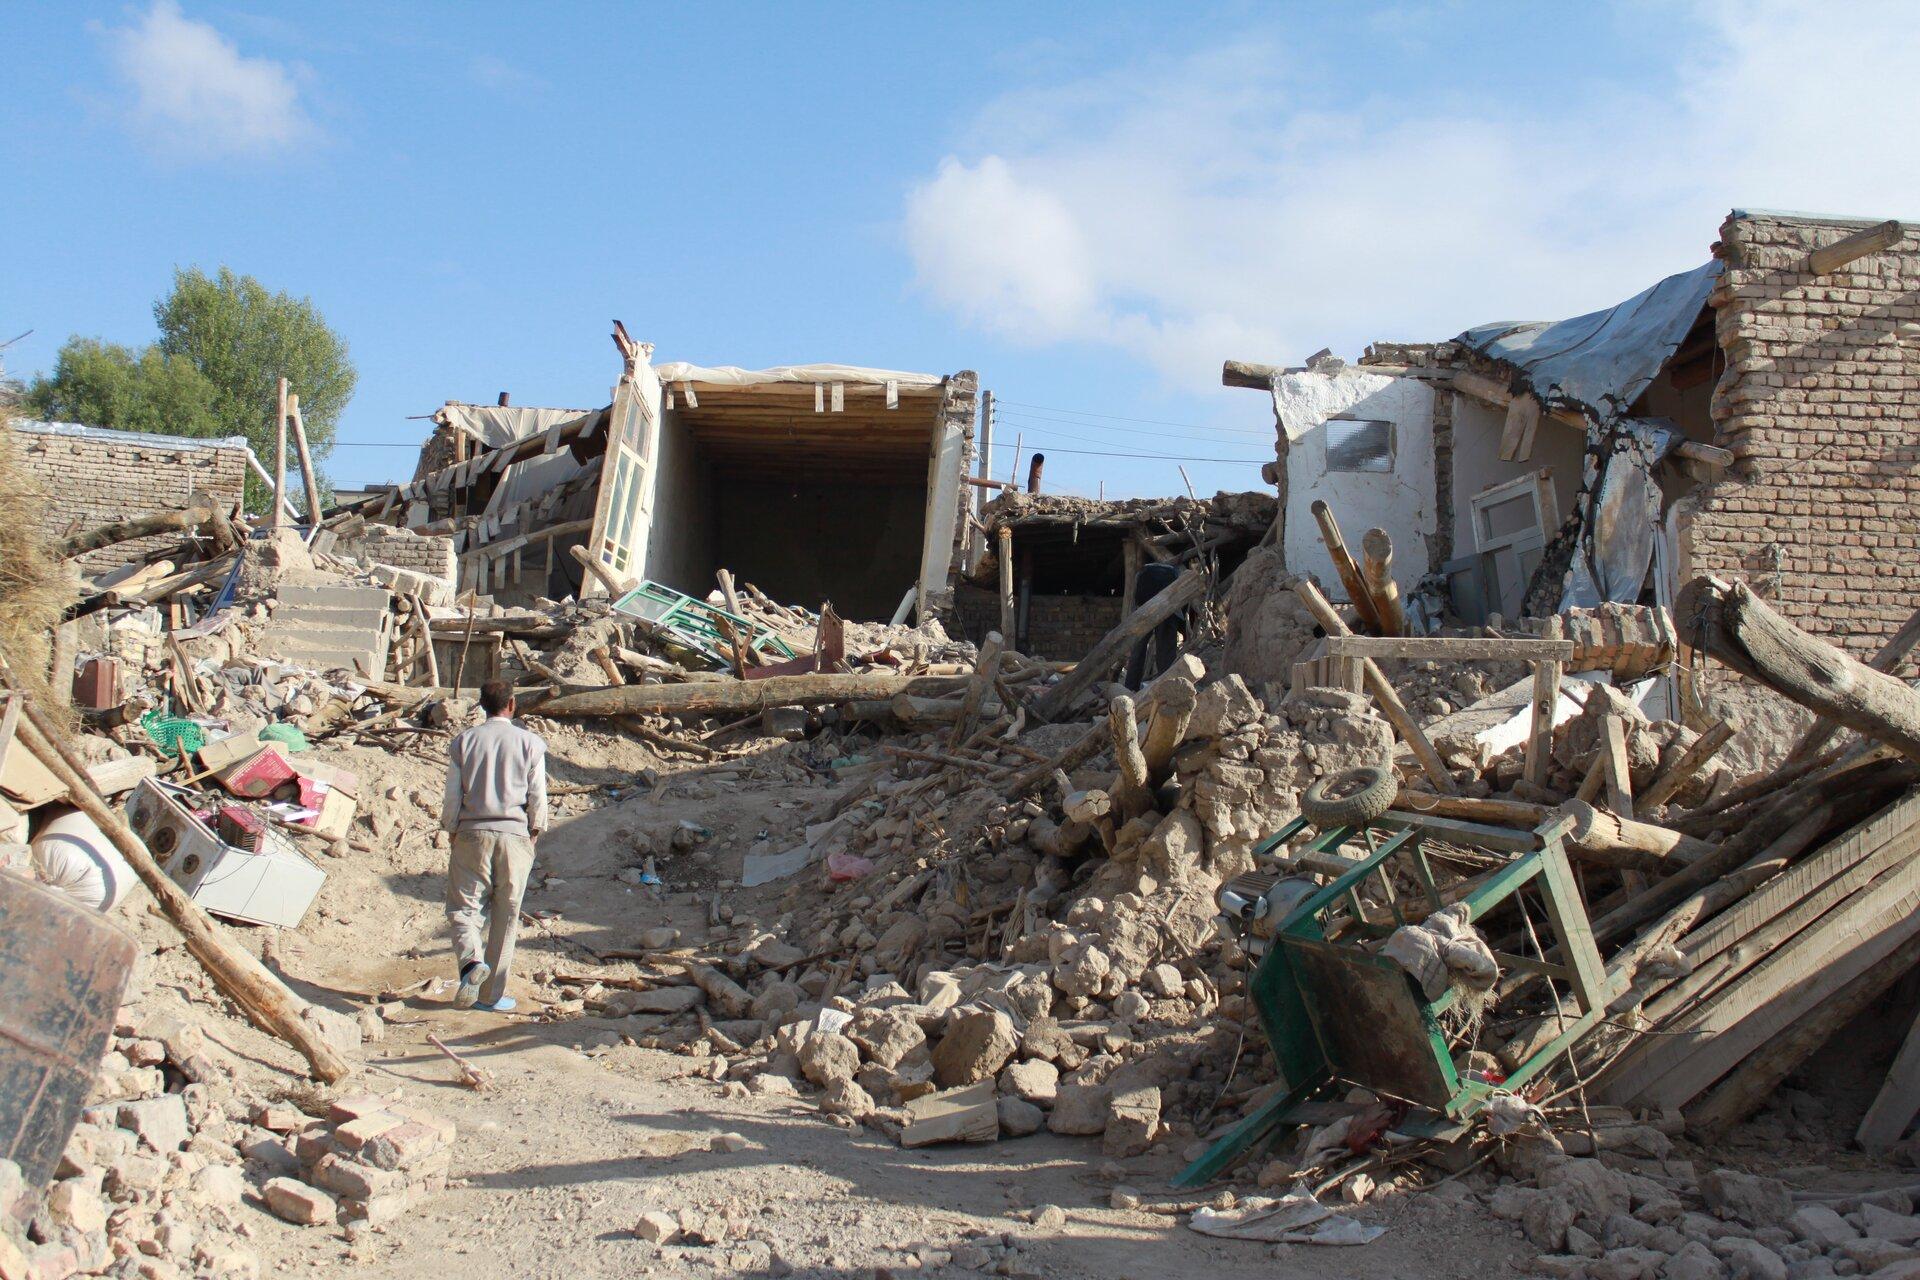 Na zdjęciu zburzone domy, na ulicy sterty gruzu idrewna.